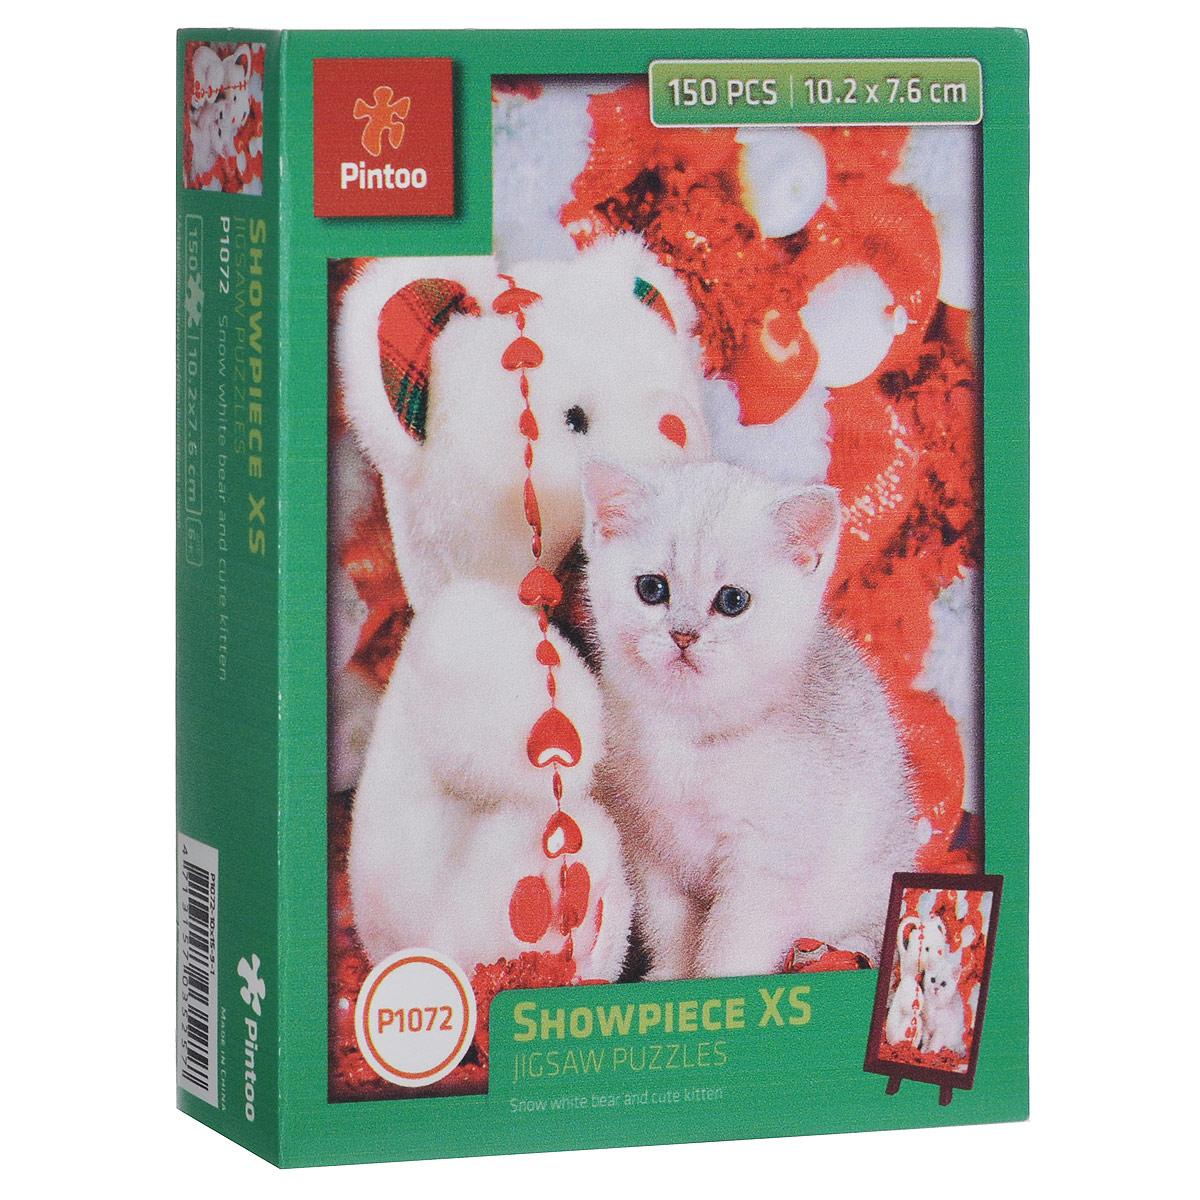 Белый медвежонок и котенок. Пазл, 150 элементовР1072Пазл «Белый медвежонок и котенок», без сомнения, придется вам по душе. Собрав этот пазл, включающий в себя 150 элементов, вы получите великолепную картину с изображением маленького котенка рядом с плюшевым медведем. В комплект входит рамка и подставка для рамки. Пазл - великолепная игра для семейного досуга. Сегодня собирание пазлов стало особенно популярным, главным образом, благодаря своей многообразной тематике, способной удовлетворить самый взыскательный вкус. А для детей это не только интересно, но и полезно. Собирание пазла развивает мелкую моторику у ребенка, тренирует наблюдательность, логическое мышление, знакомит с окружающим миром, с цветом и разнообразными формами.